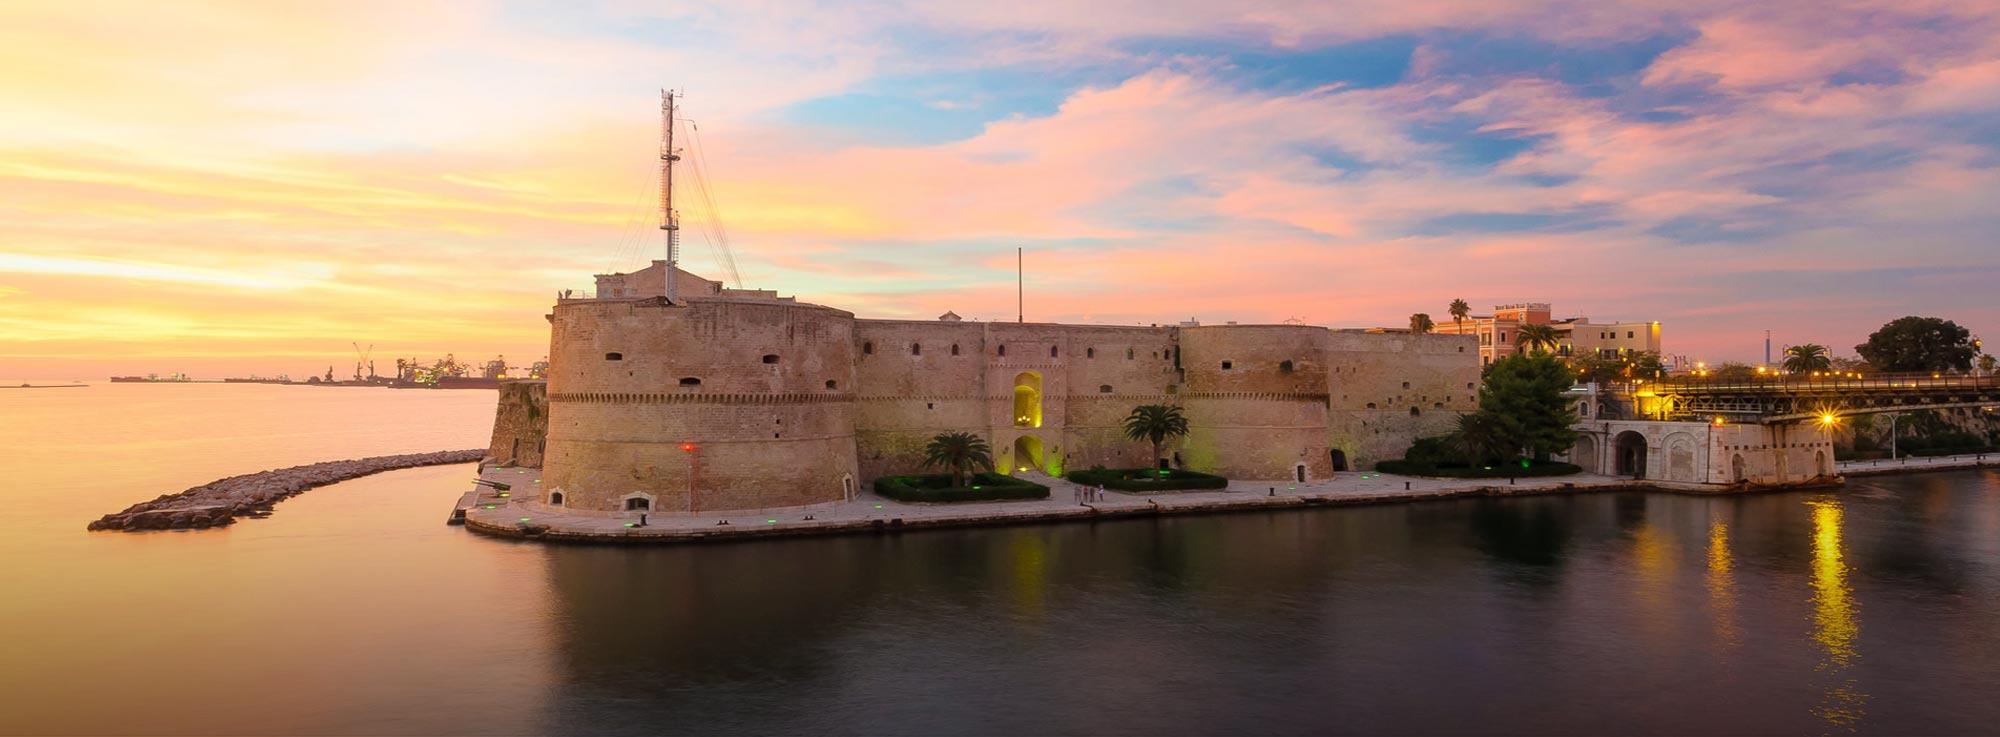 Taranto: La città vecchia sotto le stelle tra riti magici e musica popolare